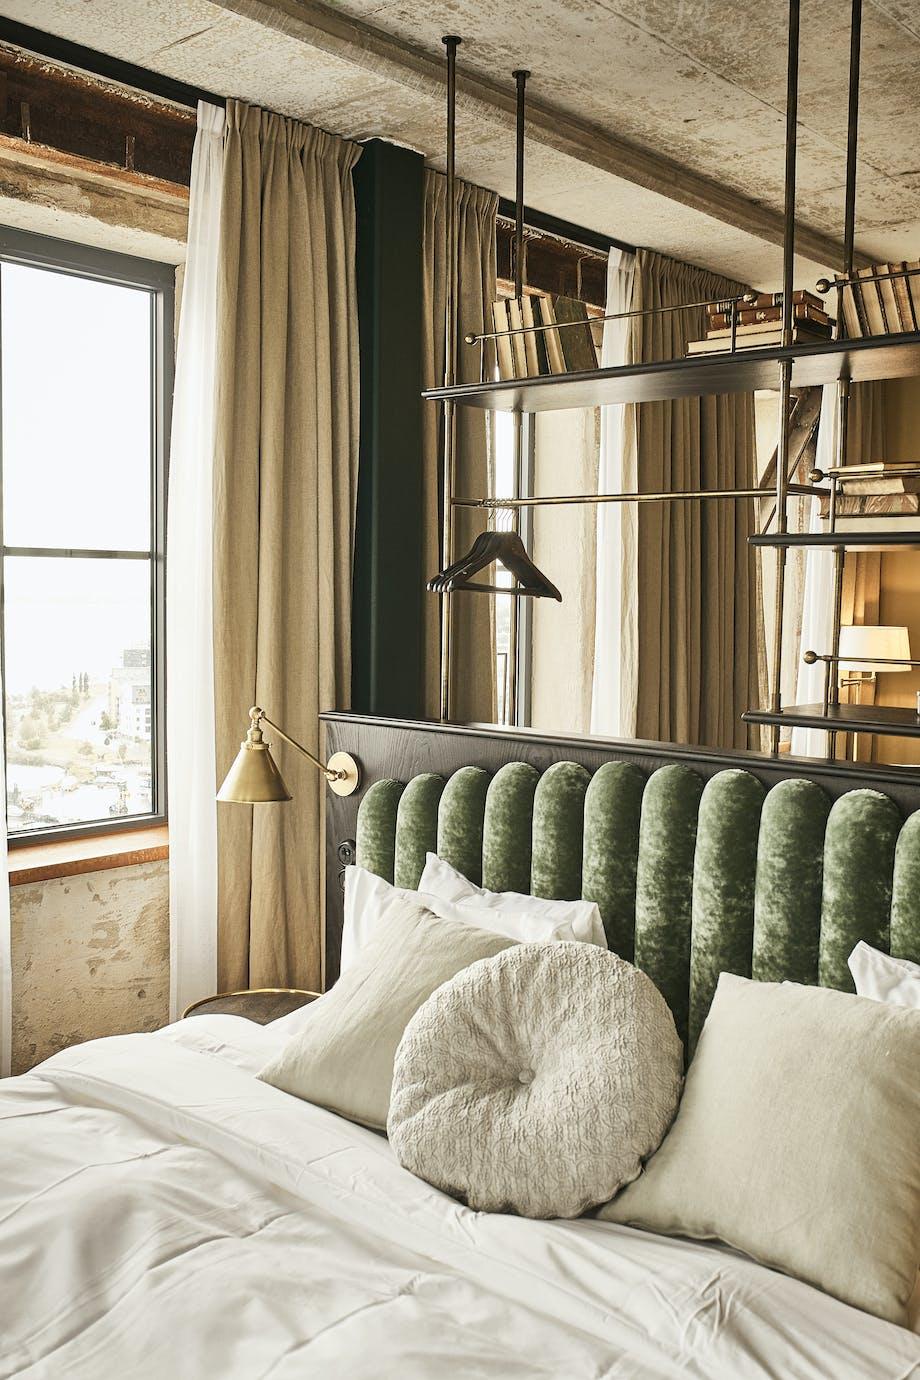 Hotel værelse luksus seng